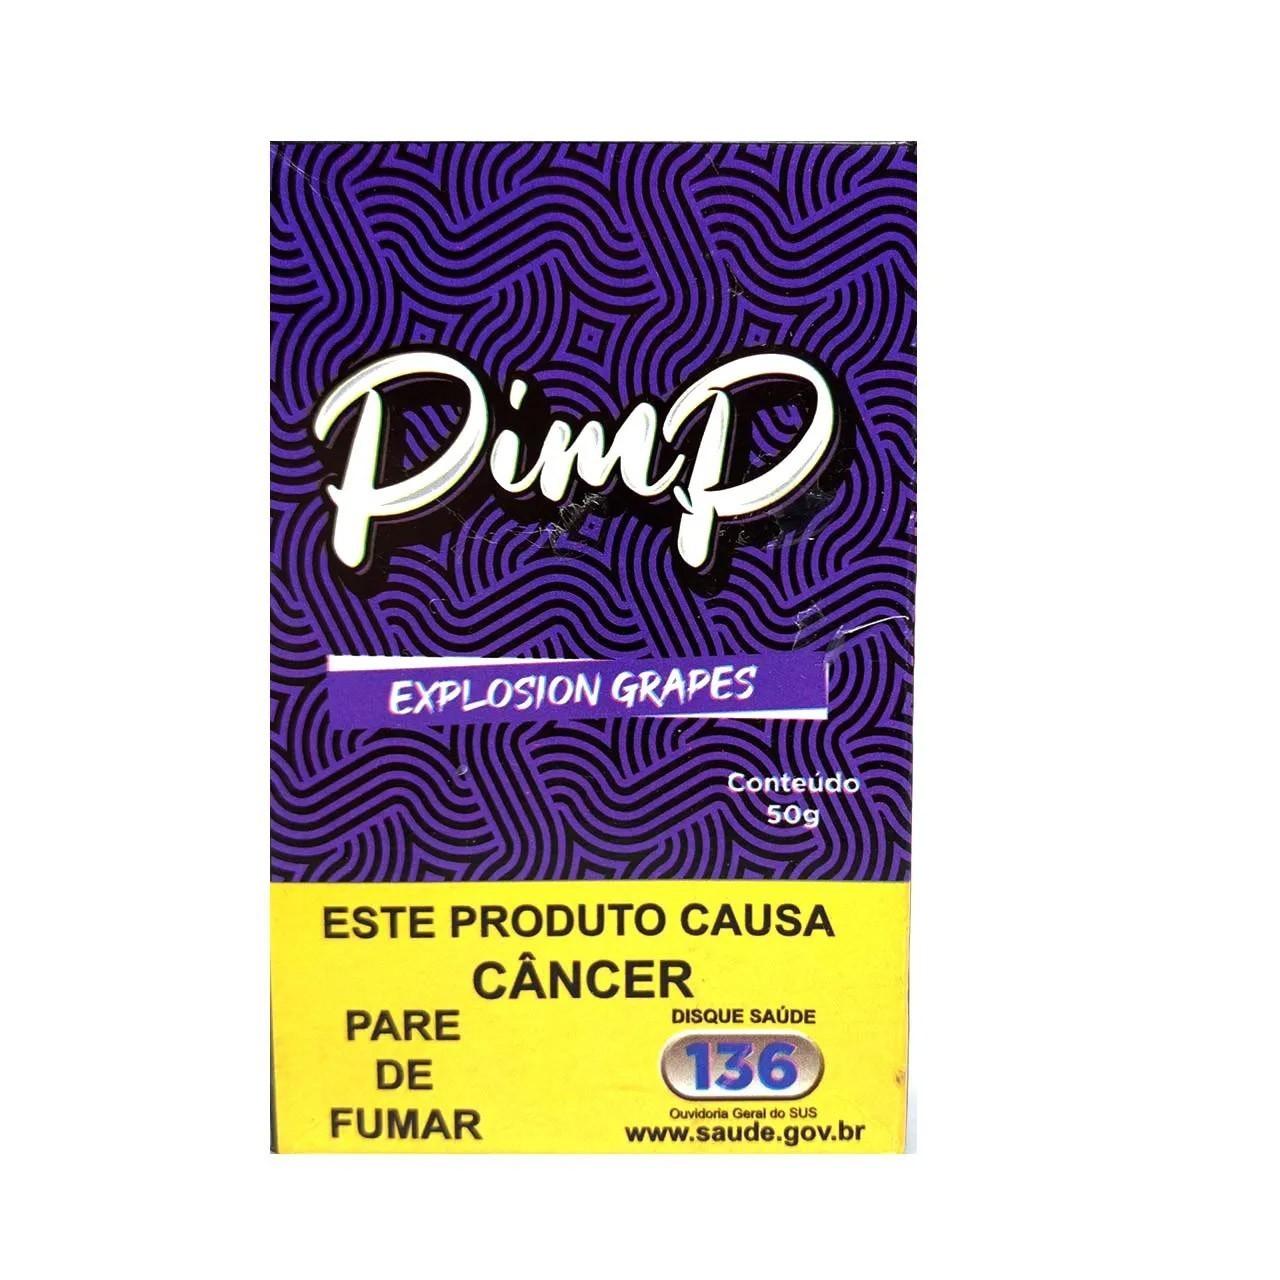 Pimp - Explosion Grapes 50g